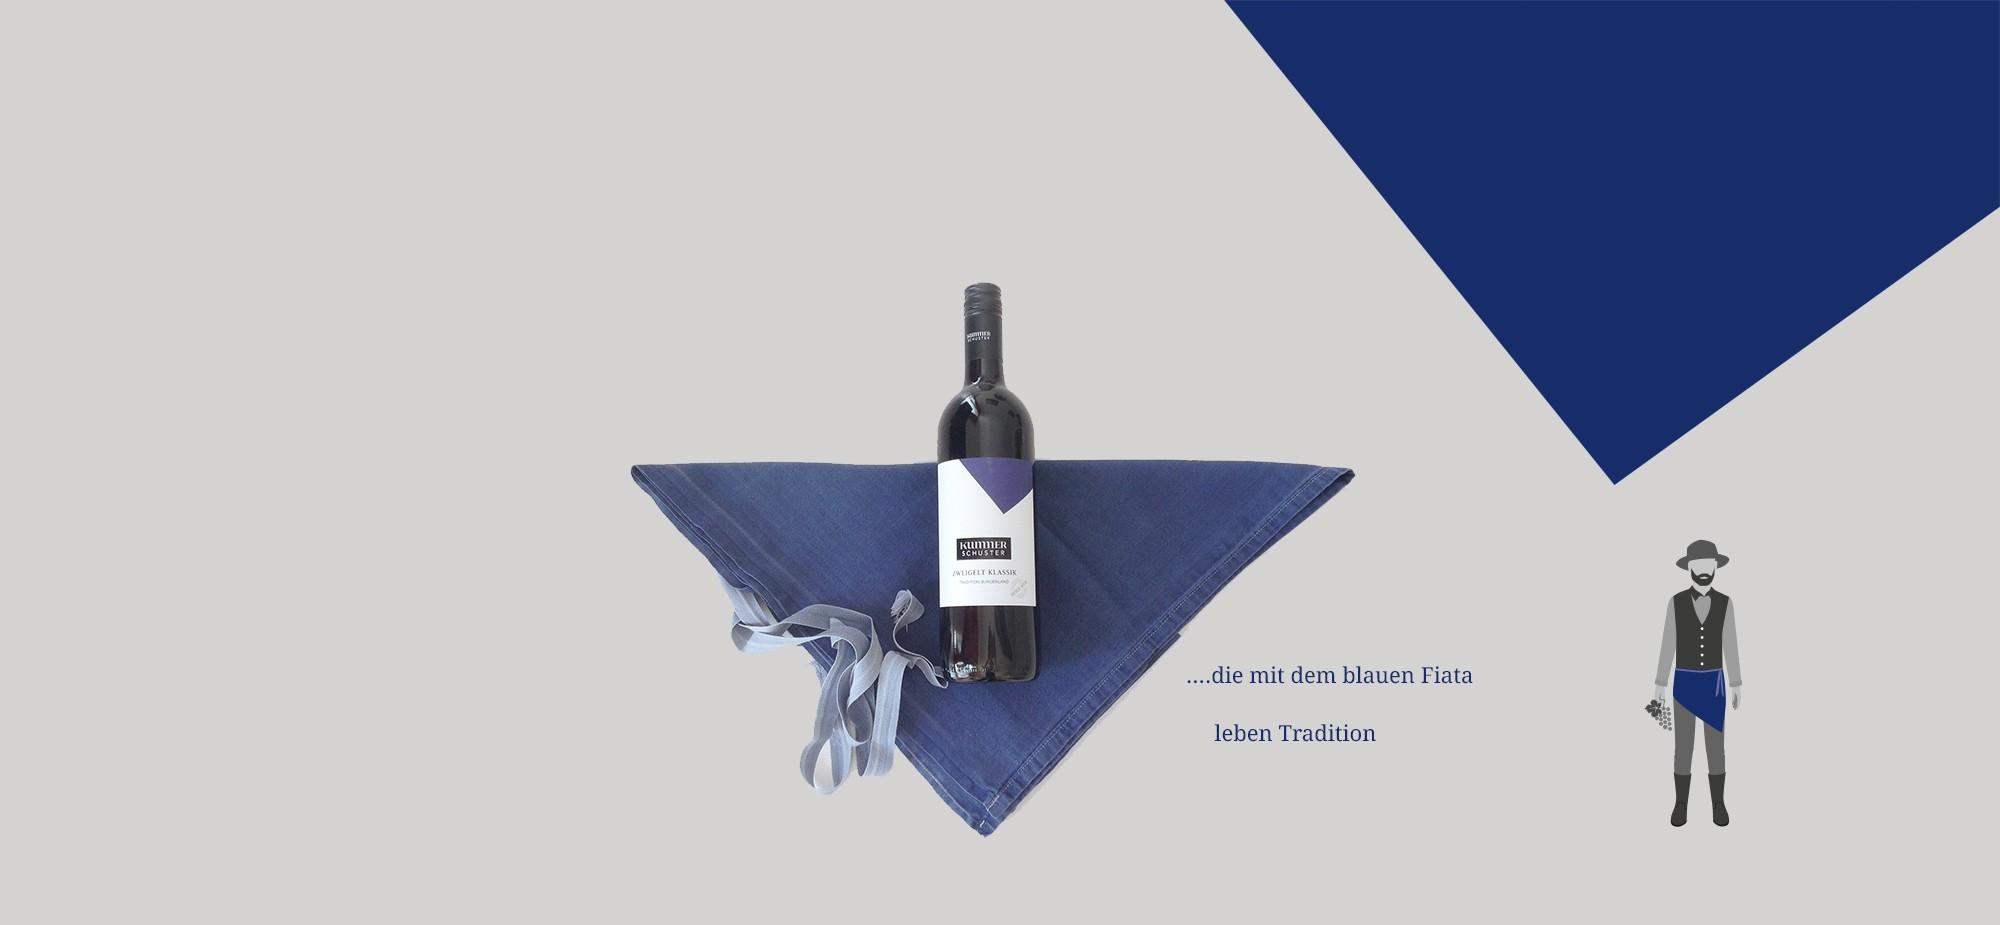 _neu-Flaschen-Tradition2-Fiata